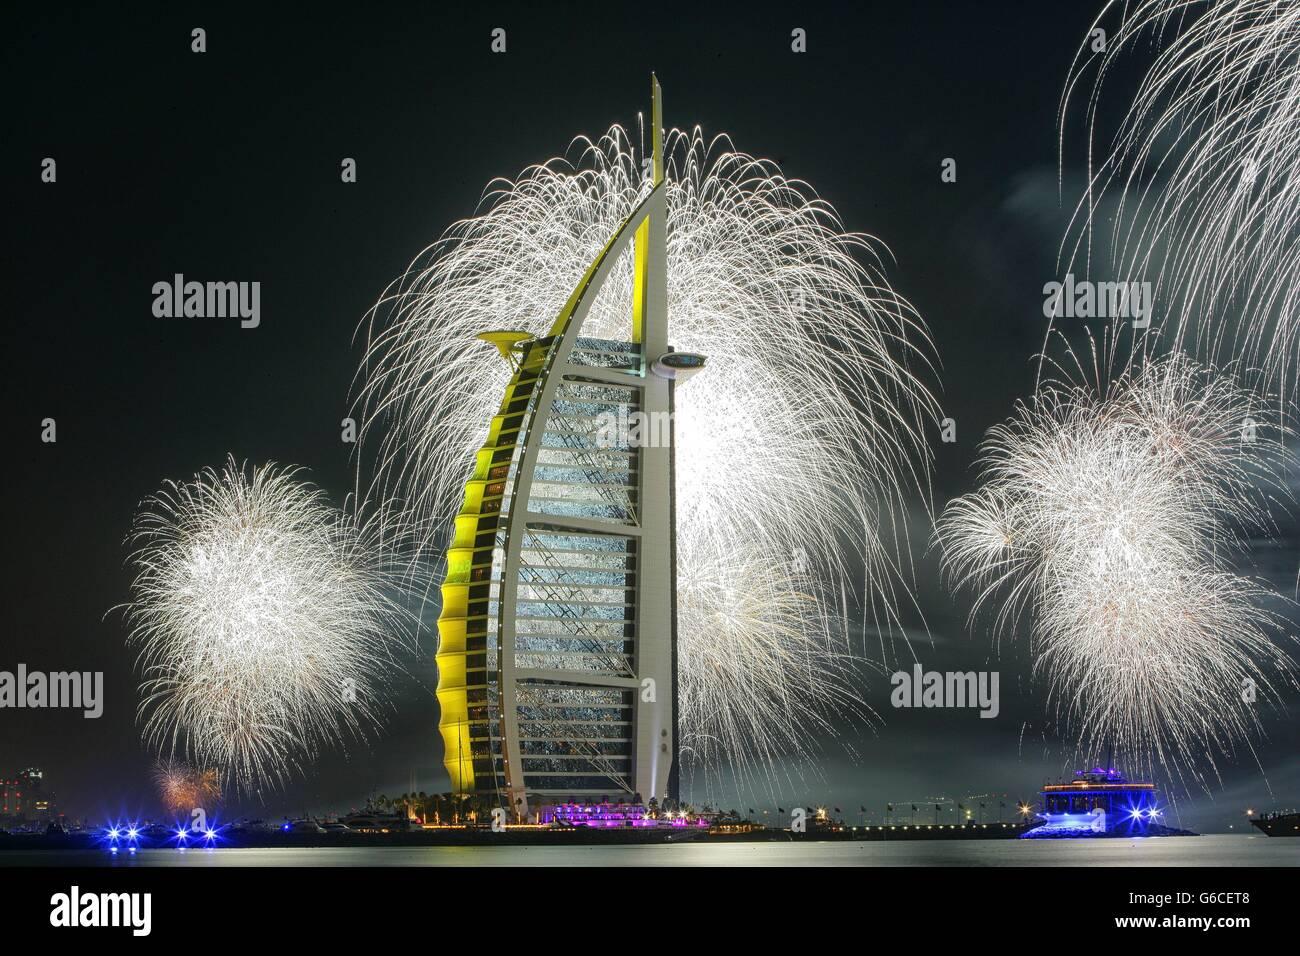 Feuerwerk am Burj Al Arab am Neujahrstag, Dubai, Vereinigte Arabische Emirate Stockbild